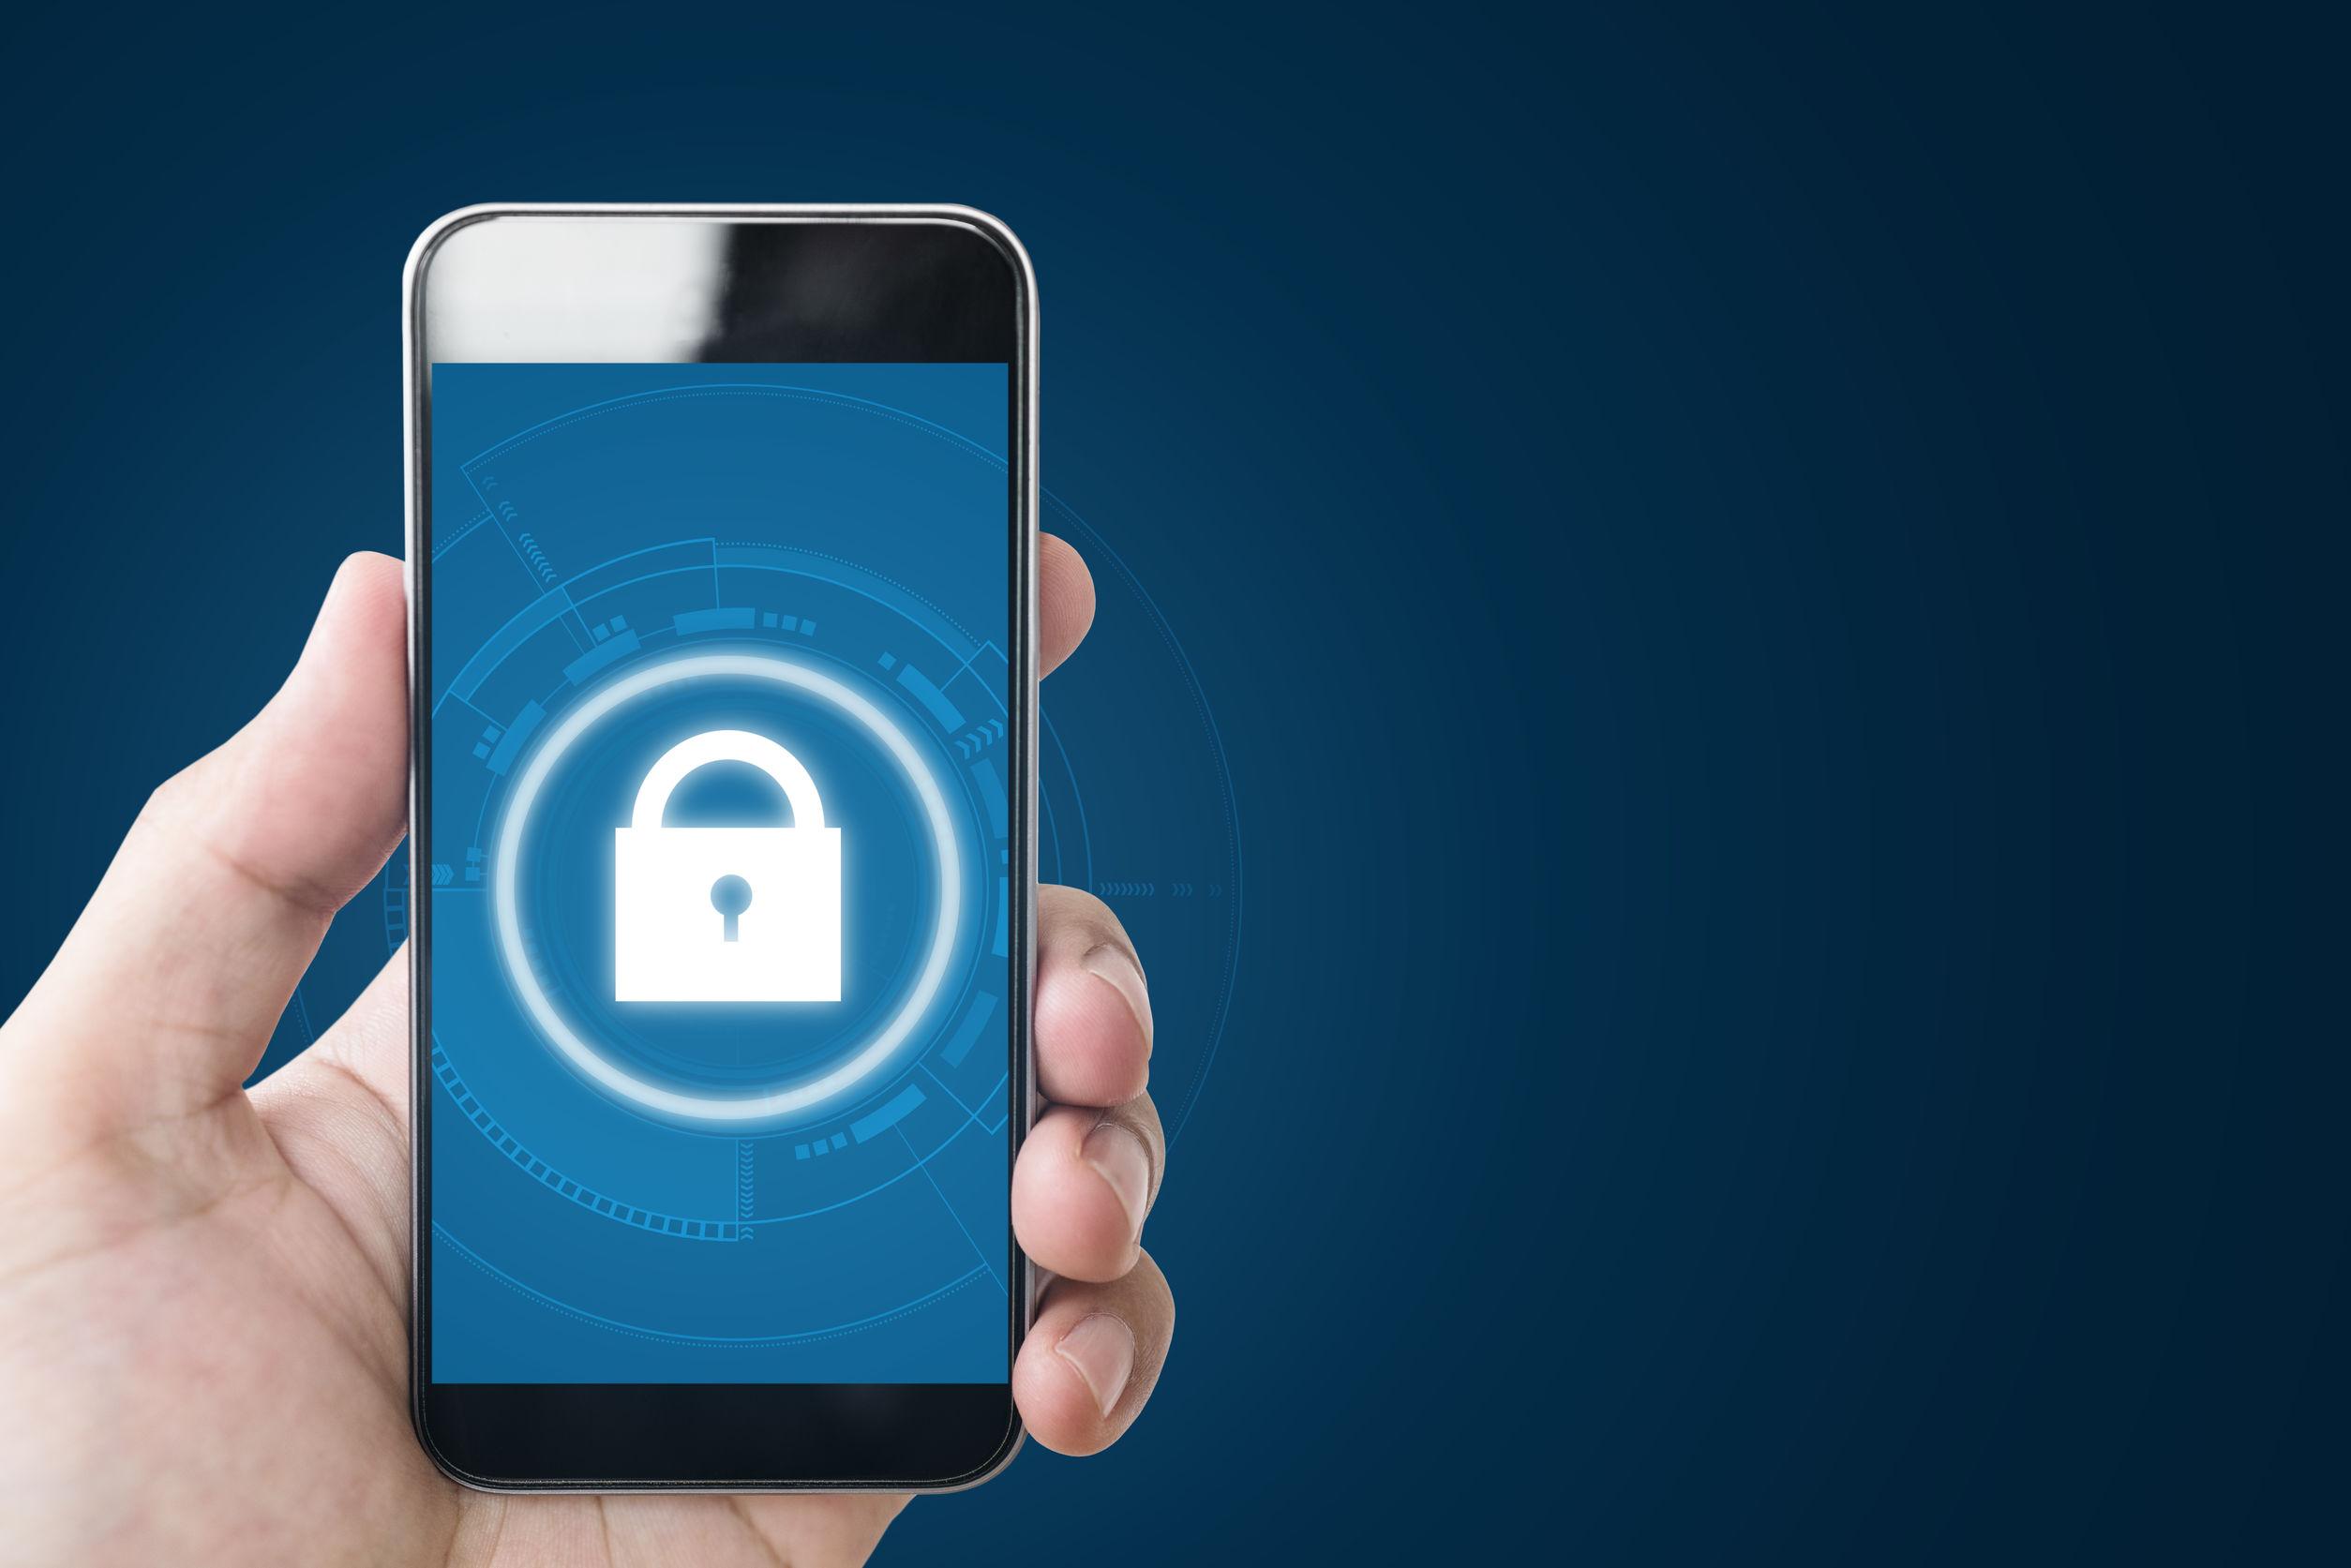 Diebstahlschutz Handy